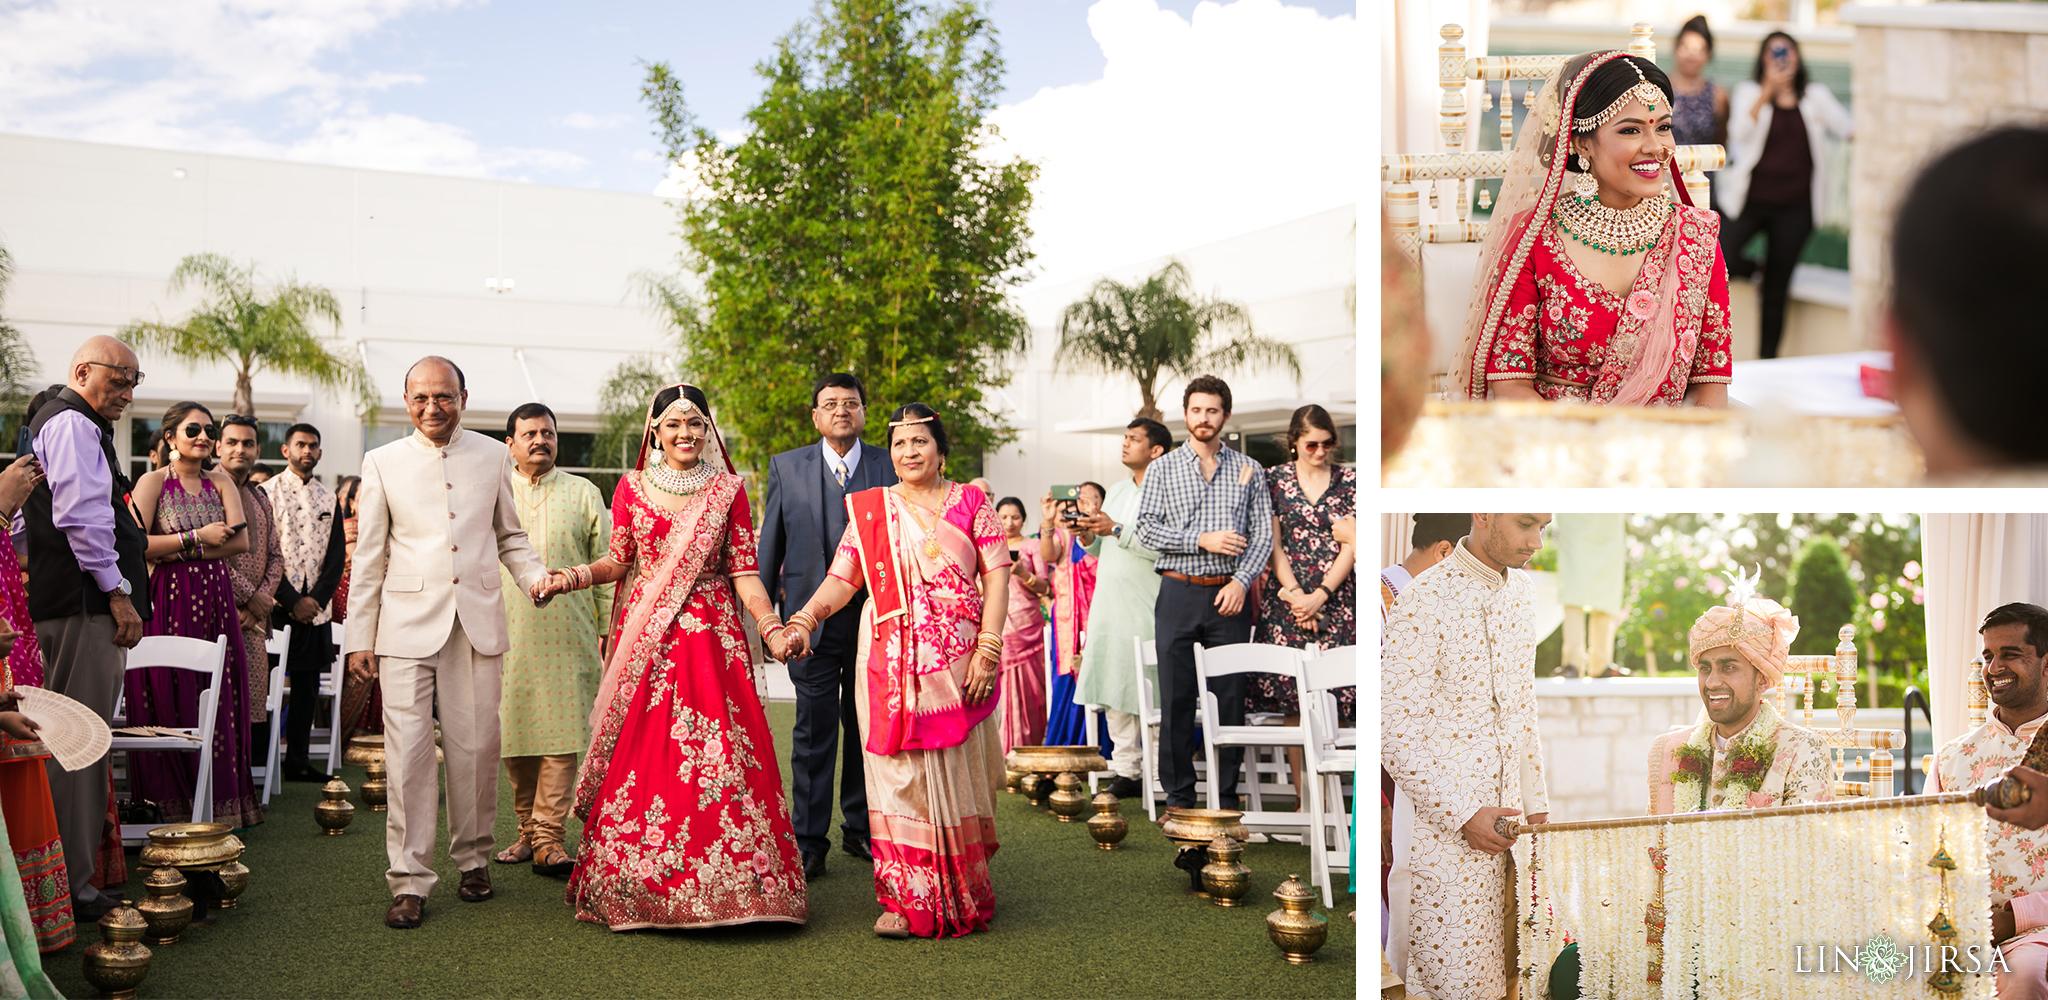 19 The Hilton Orlando Florida Indian Wedding Photography